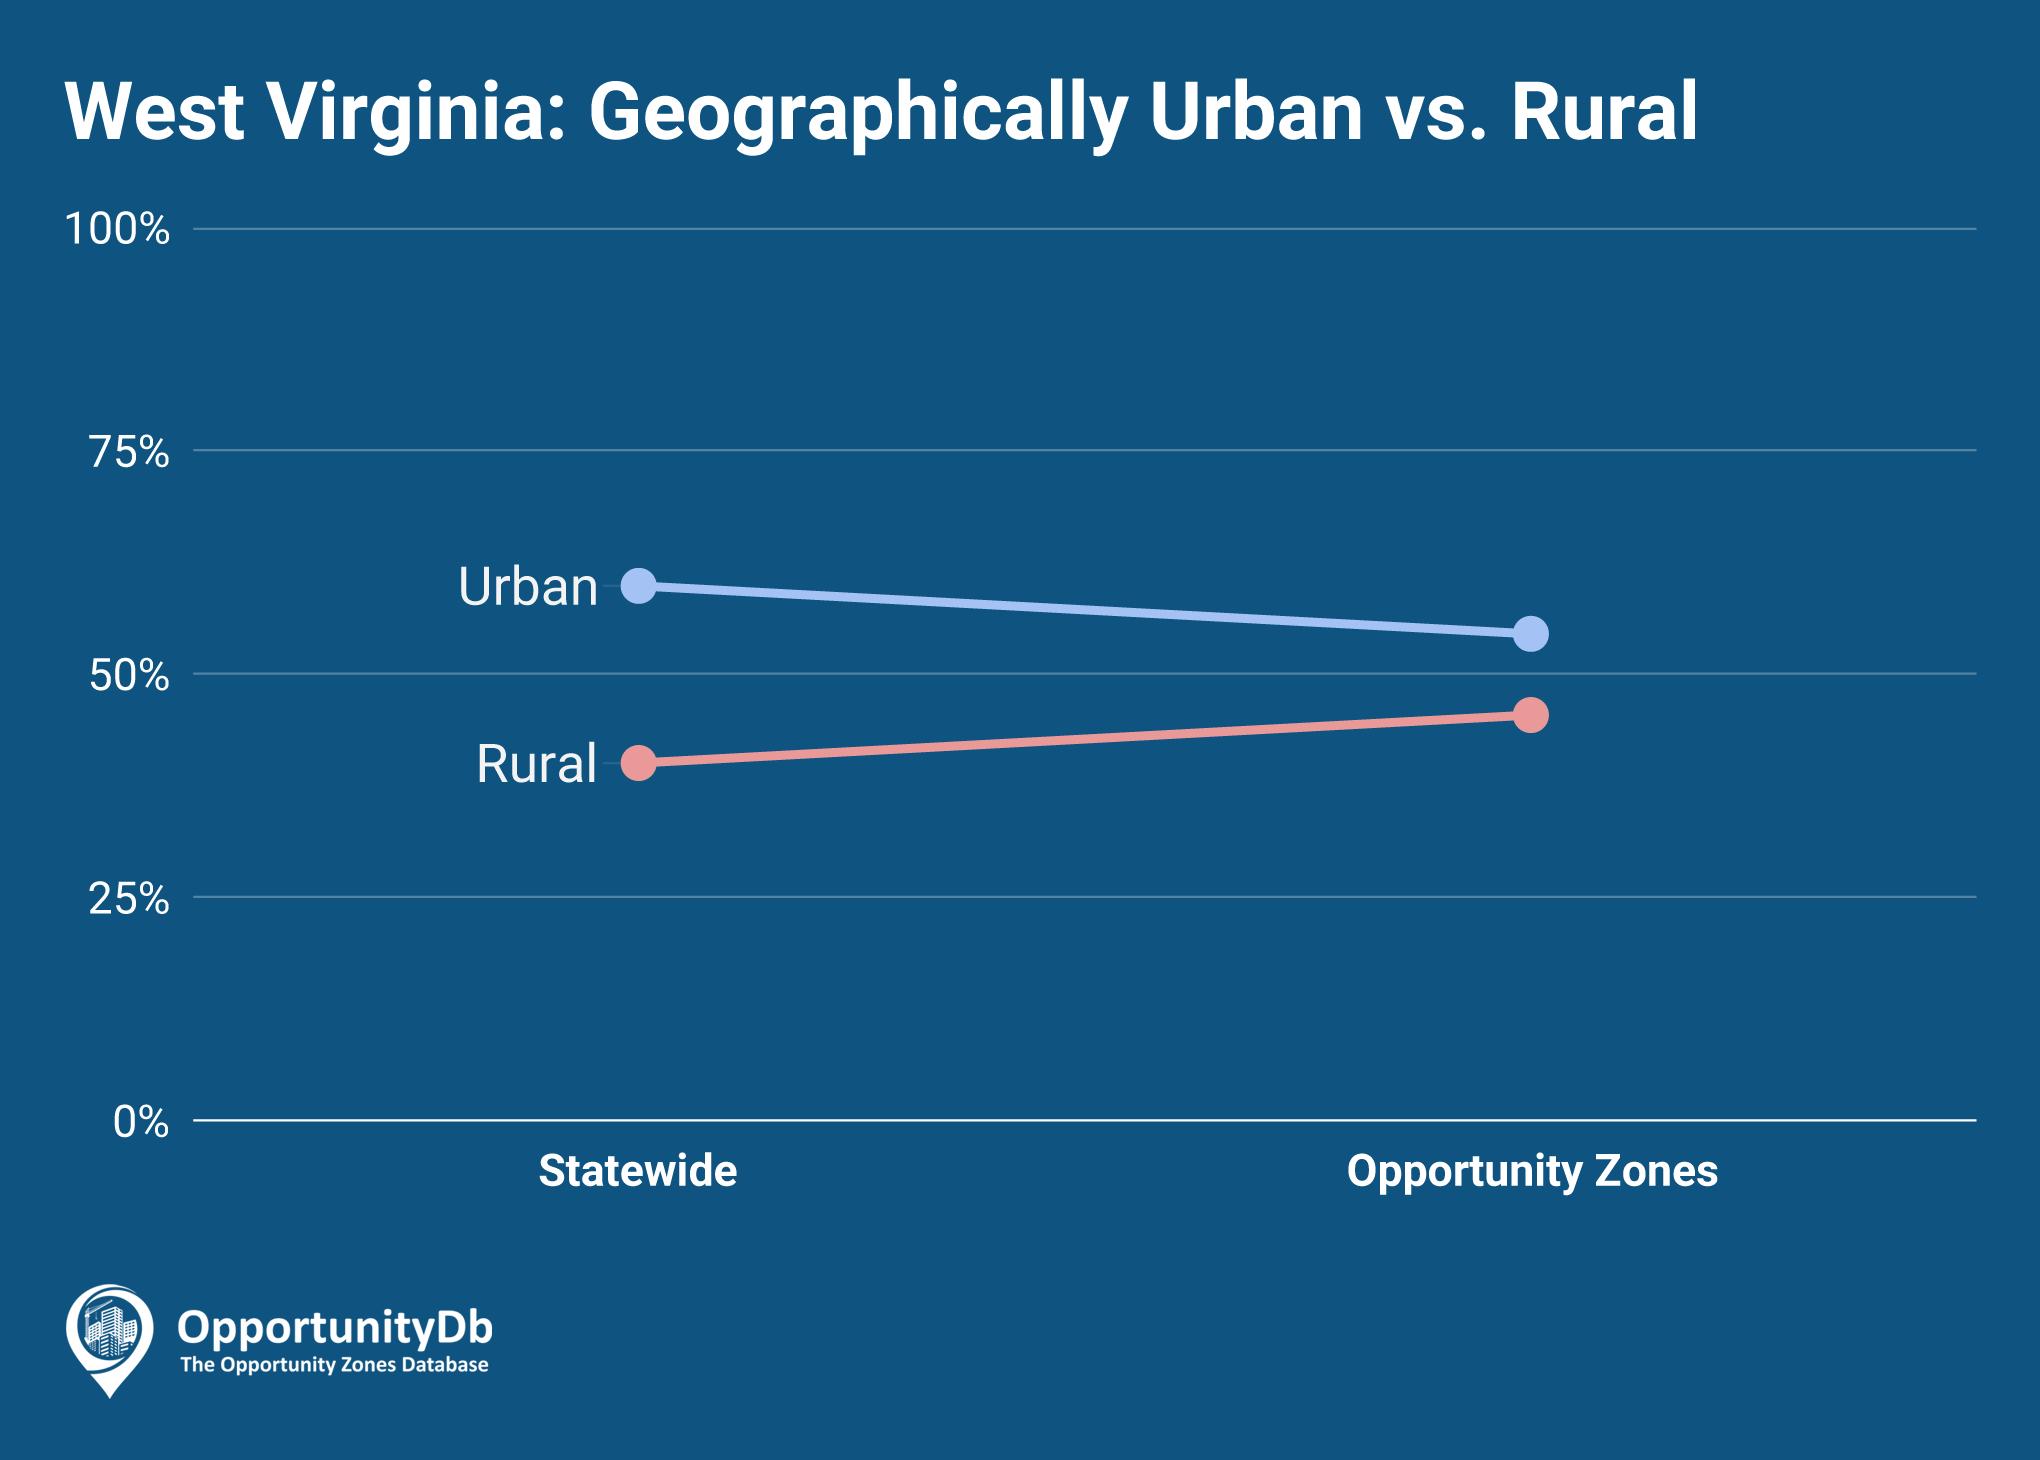 Urban vs. Rural in West Virginia Opportunity Zones